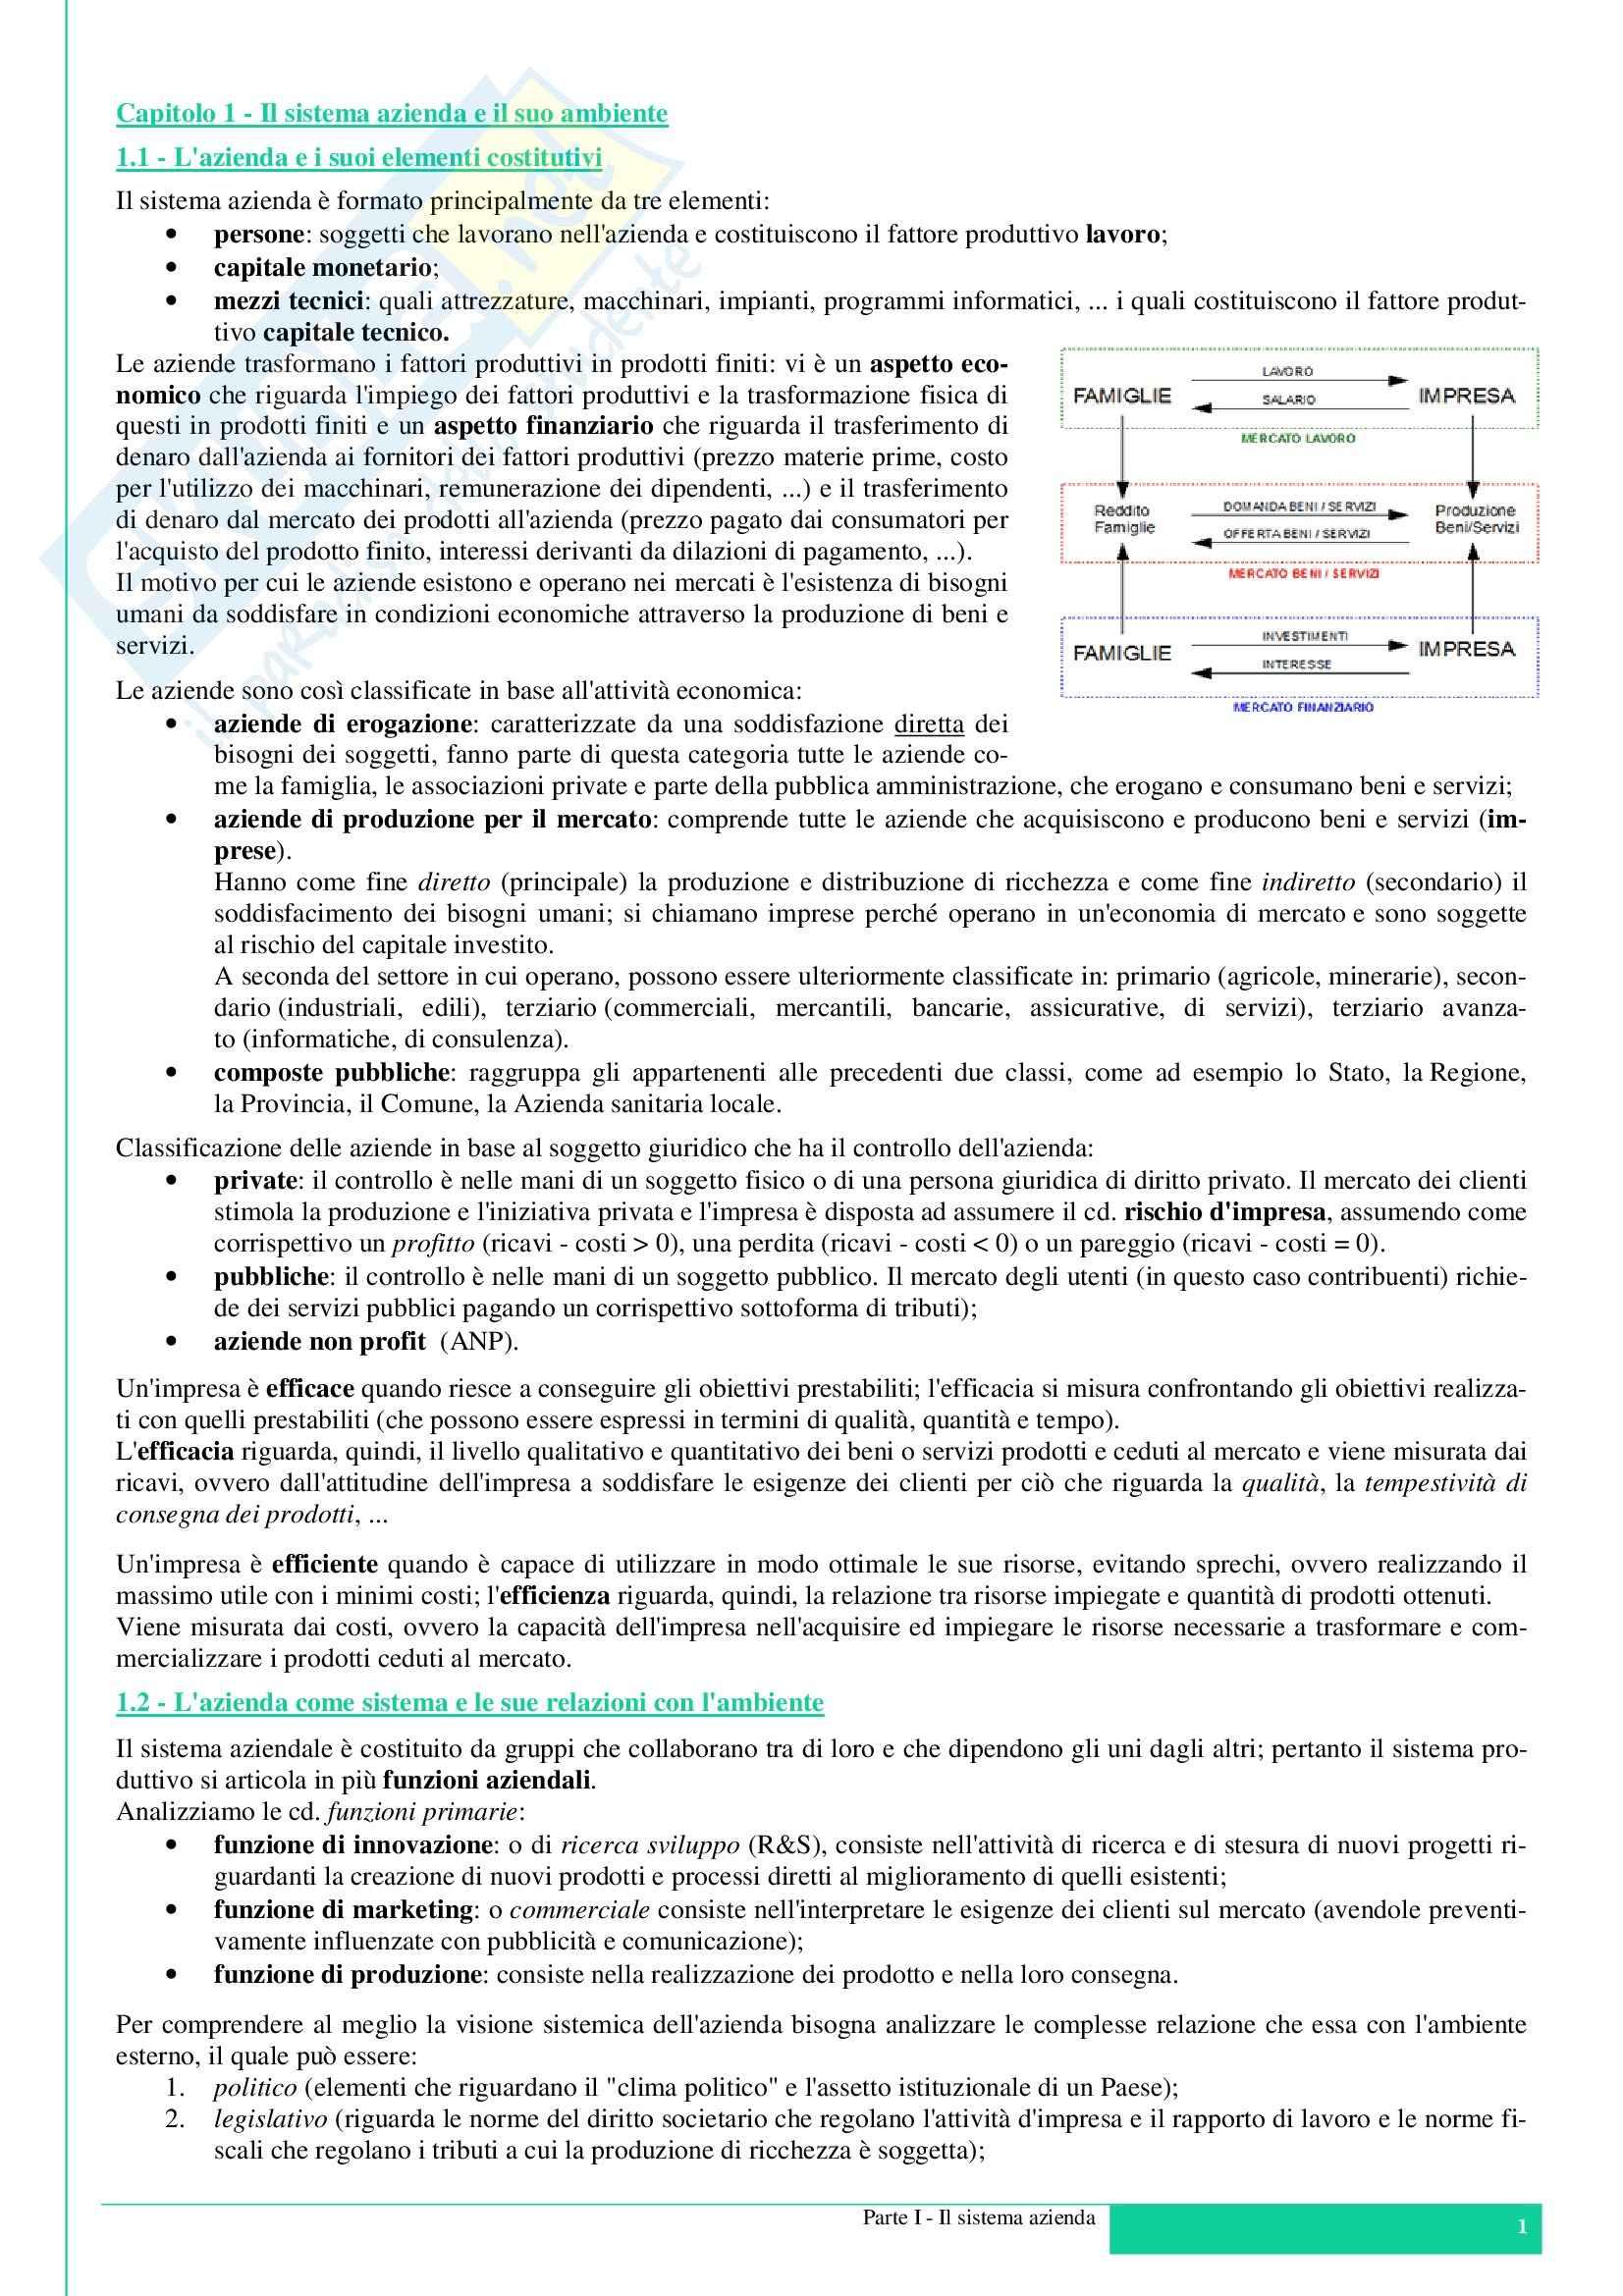 Riassunto esame degli Appunti di Economia aziendale, prof. Manzi